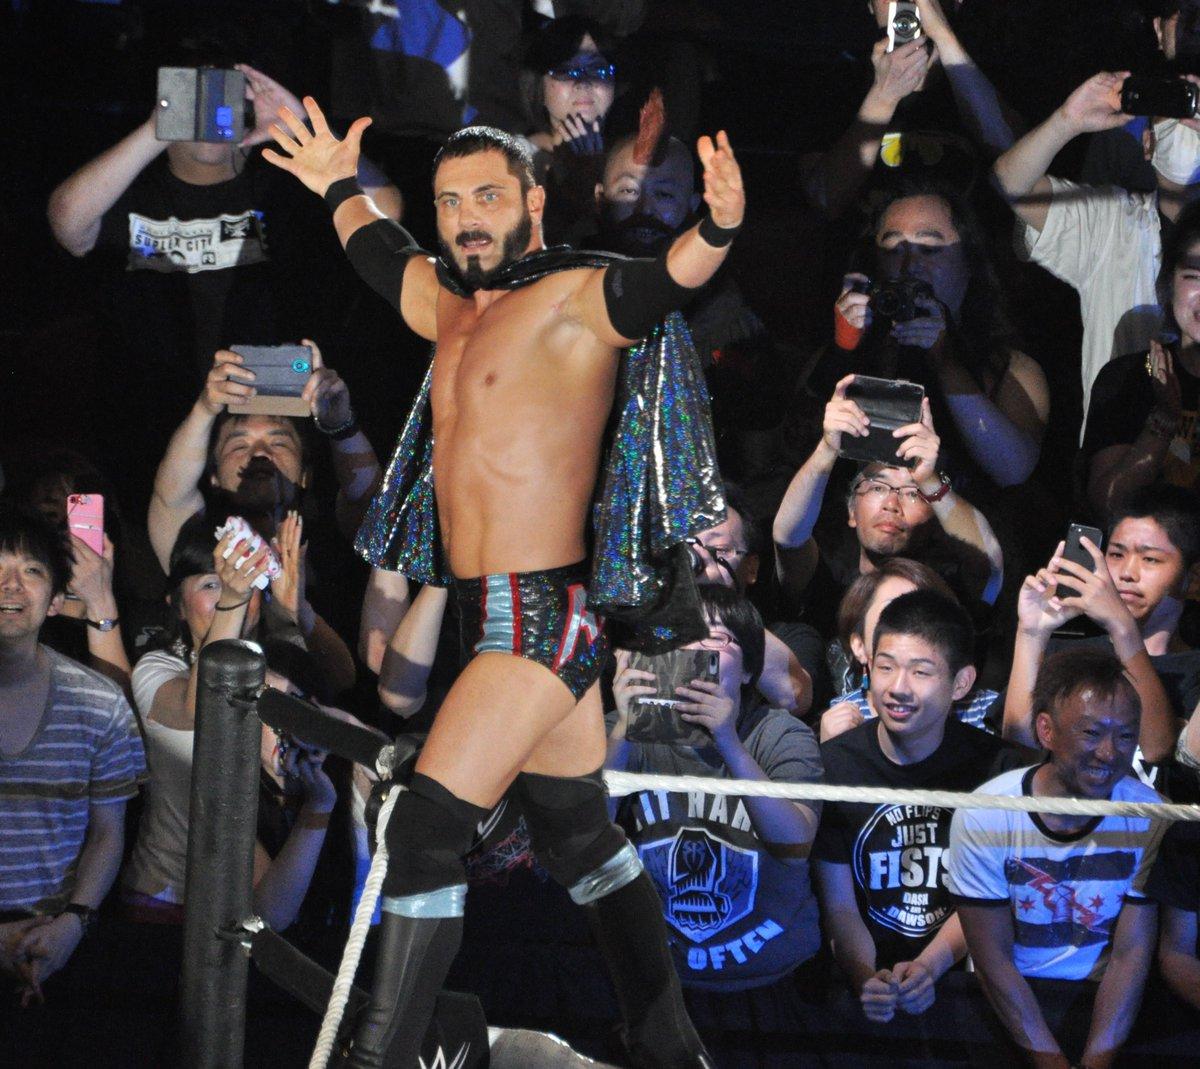 أبرز لحظات المصارعين في جولة اليابان (صور)